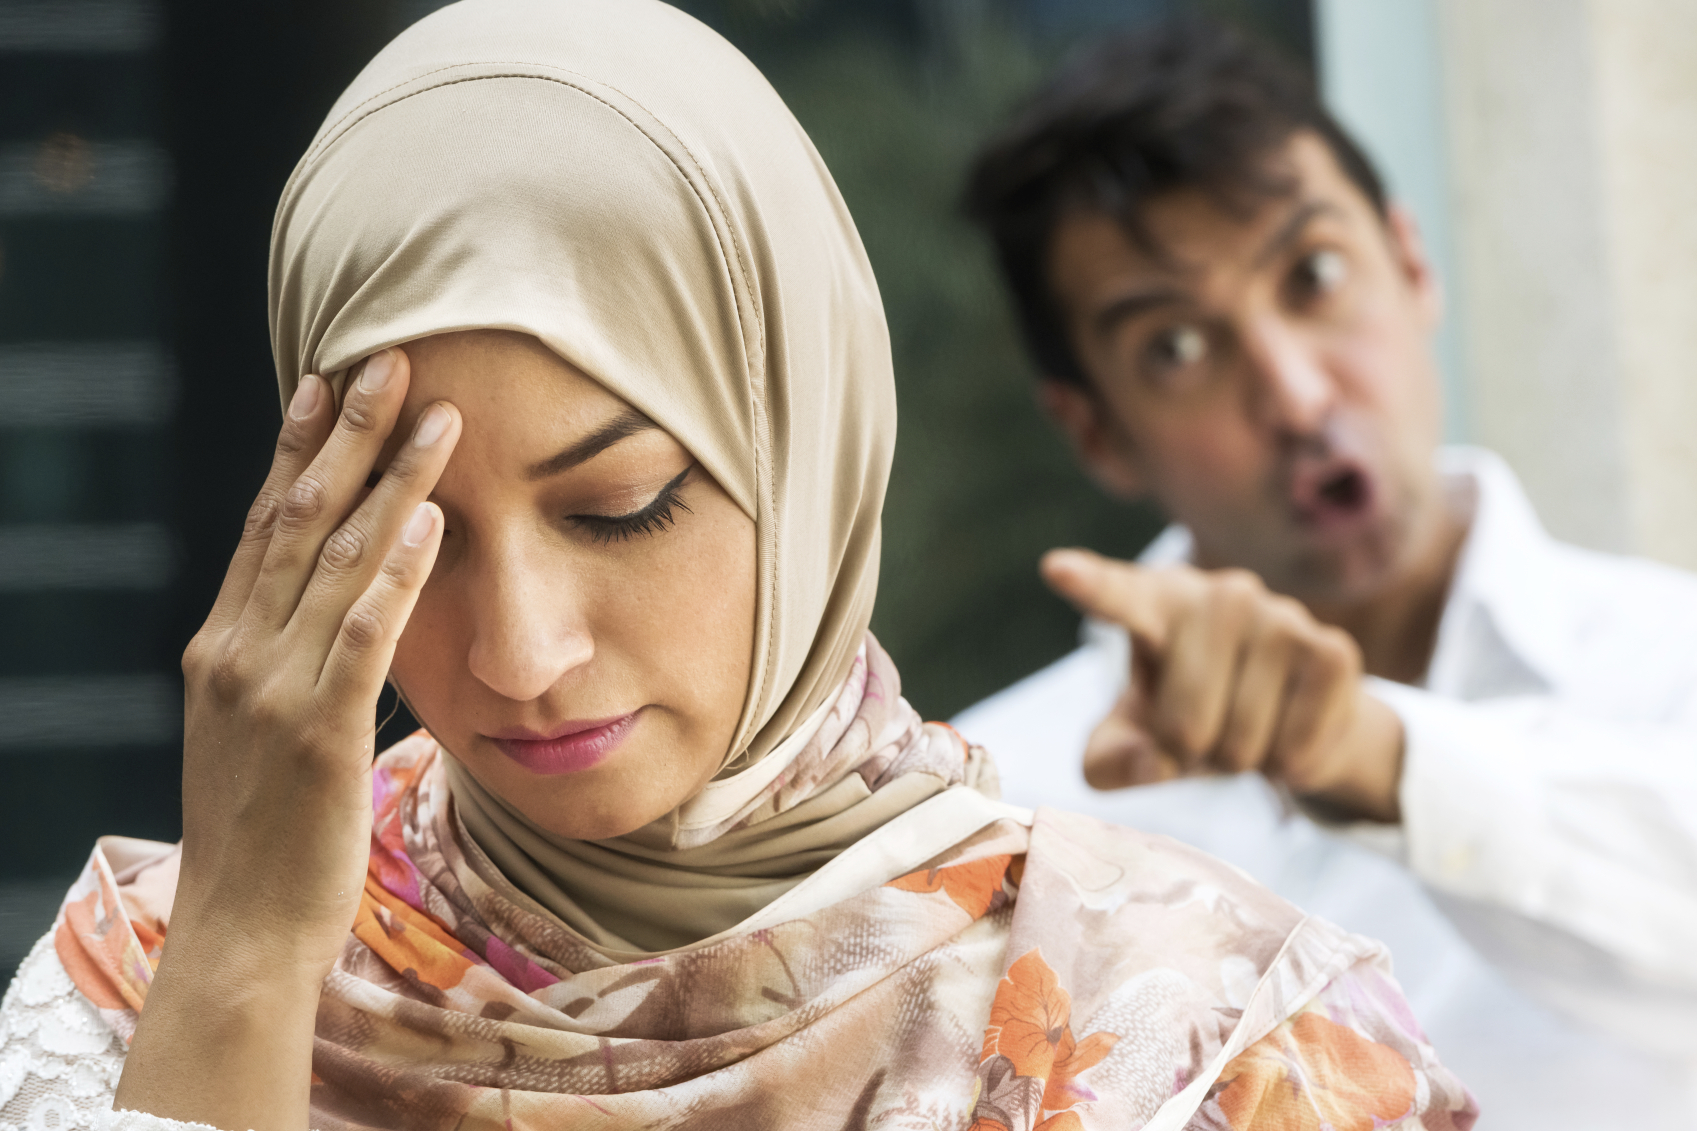 رد فعل صادم.. رجل يواعد بائعة الهوى إلى بيته ليُفاجئ بزوجته